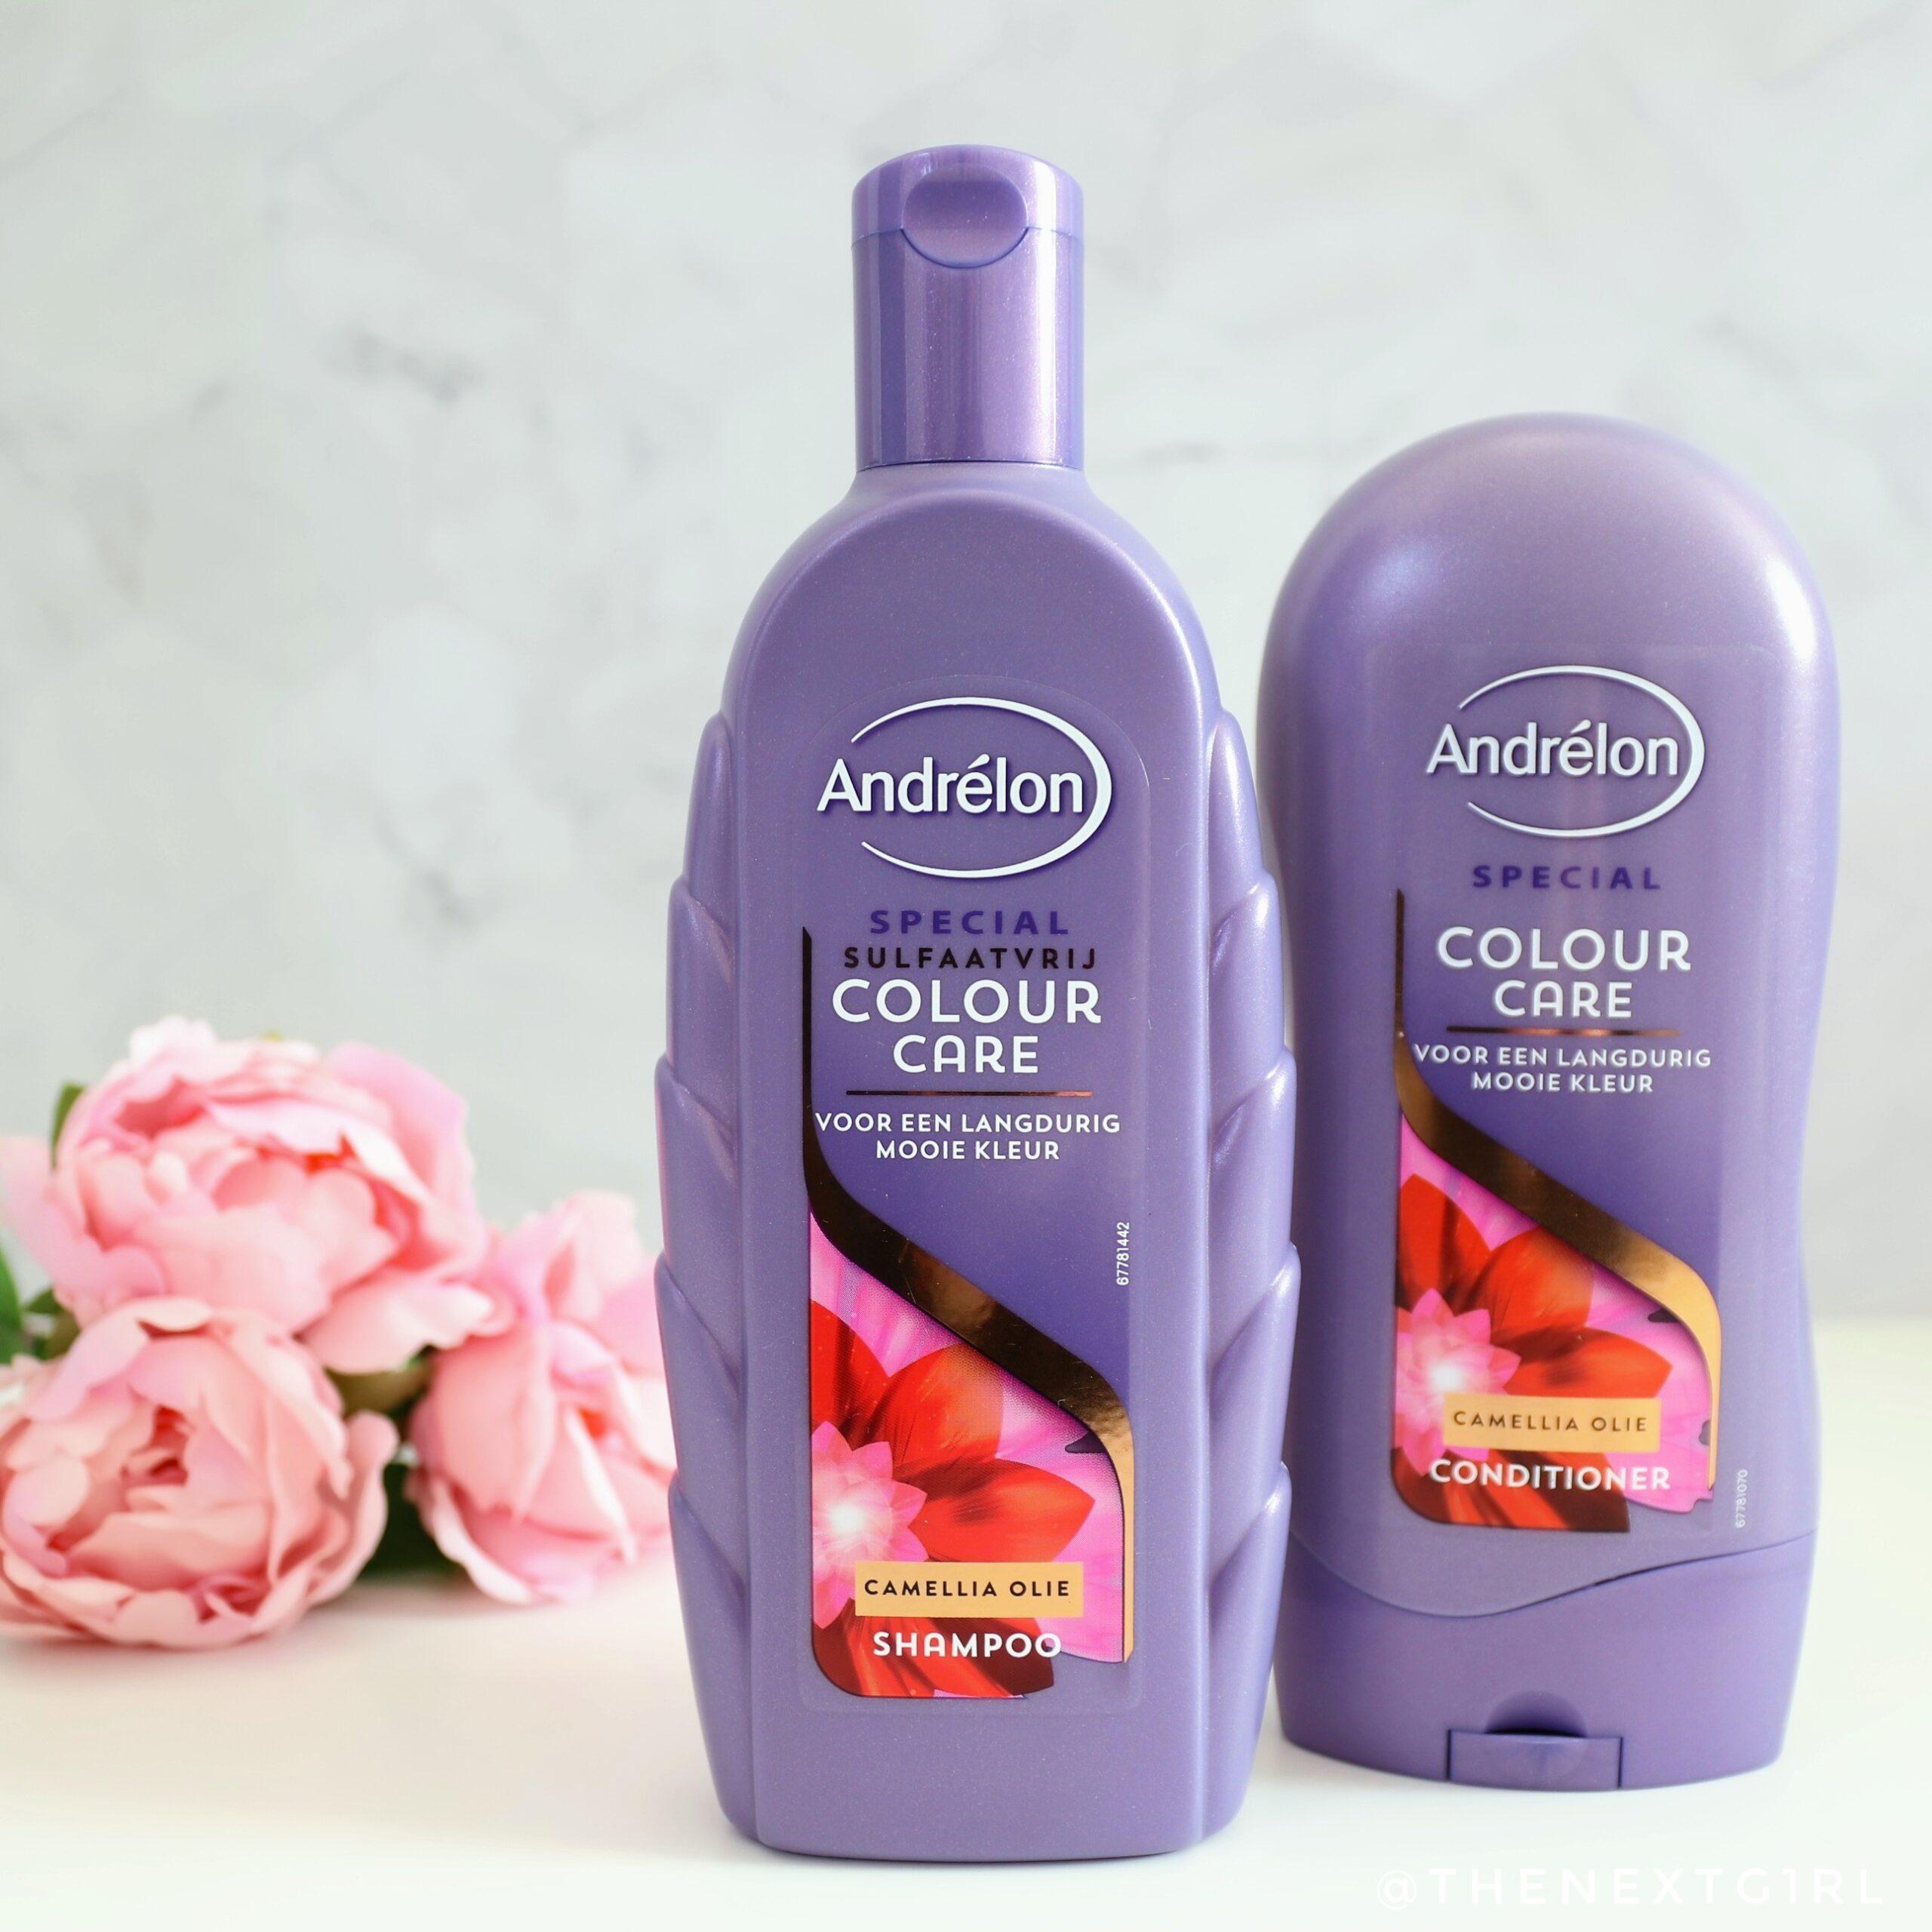 Review: Andrélon Colour Care producten